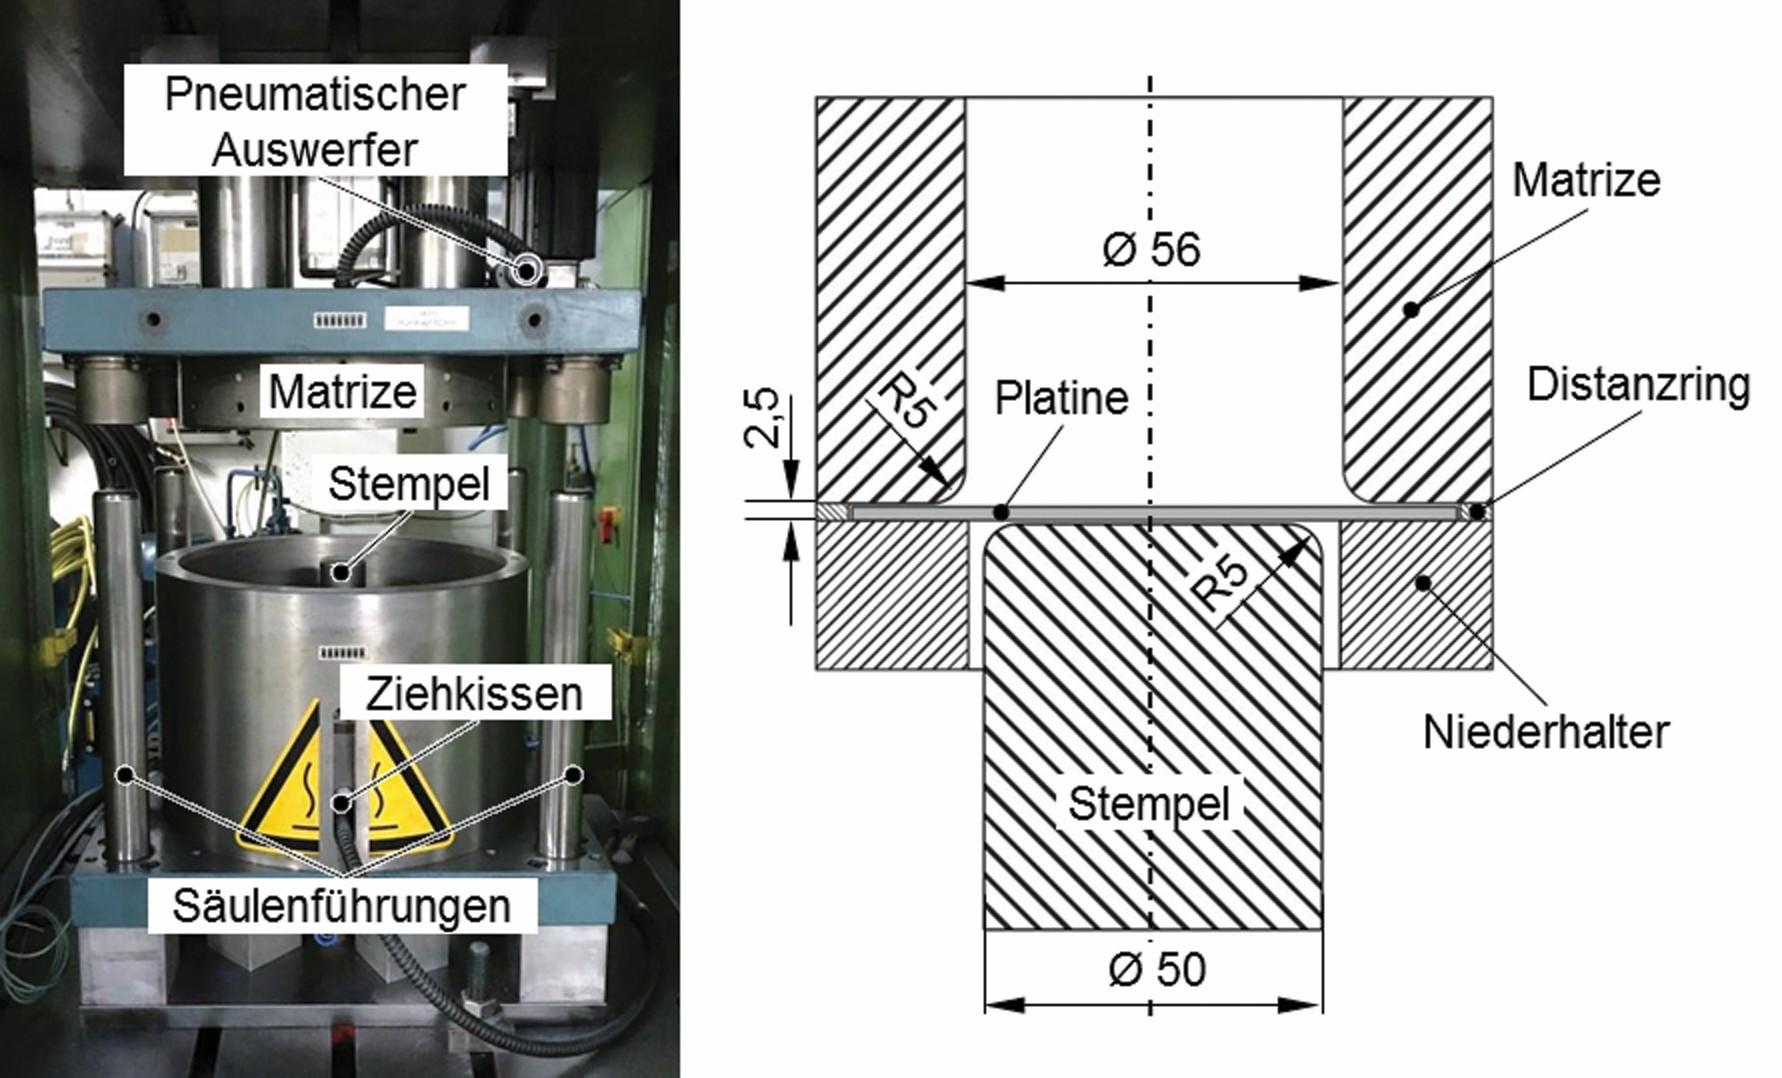 Bild 2: Versuchsaufbau zur Qualifizierung der Schmierstoffe im Tiefziehprozess. (Bild: FAU Erlangen)